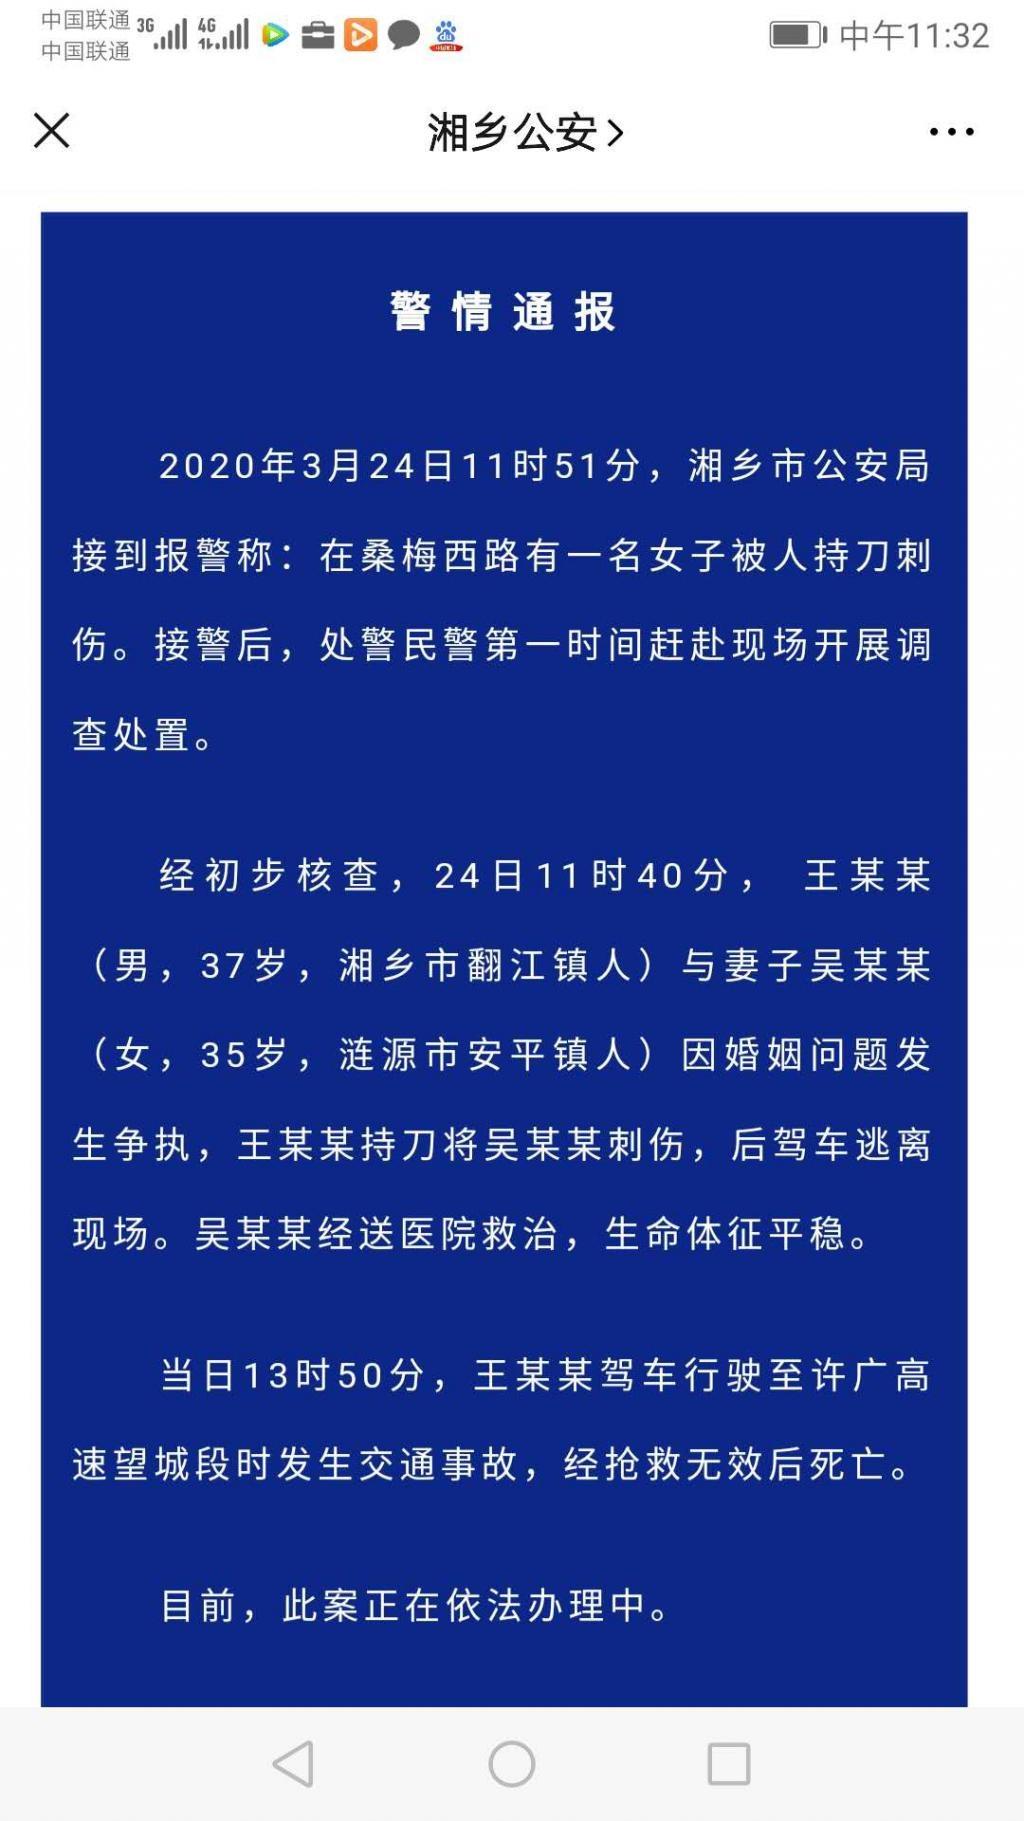 湖南湘潭一夫妻发生争执,妻子被丈夫当街刺伤,丈夫驾车逃离发生车祸不治身亡